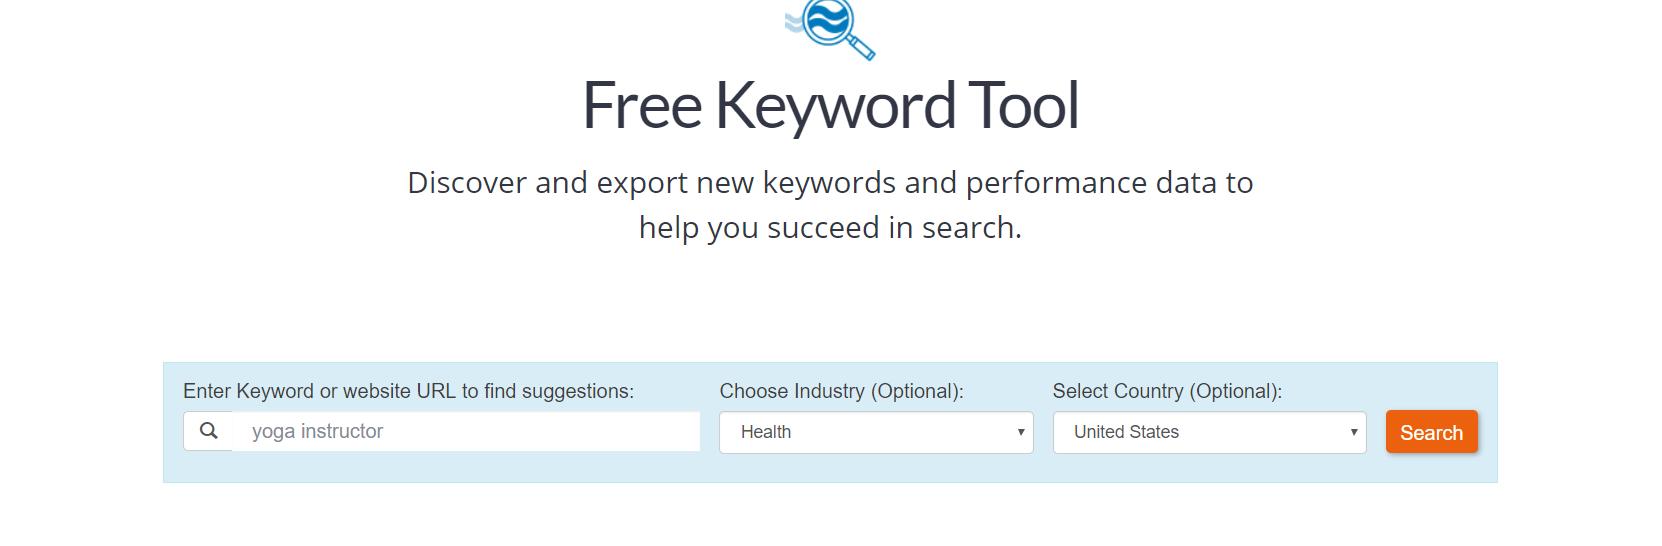 KW tool